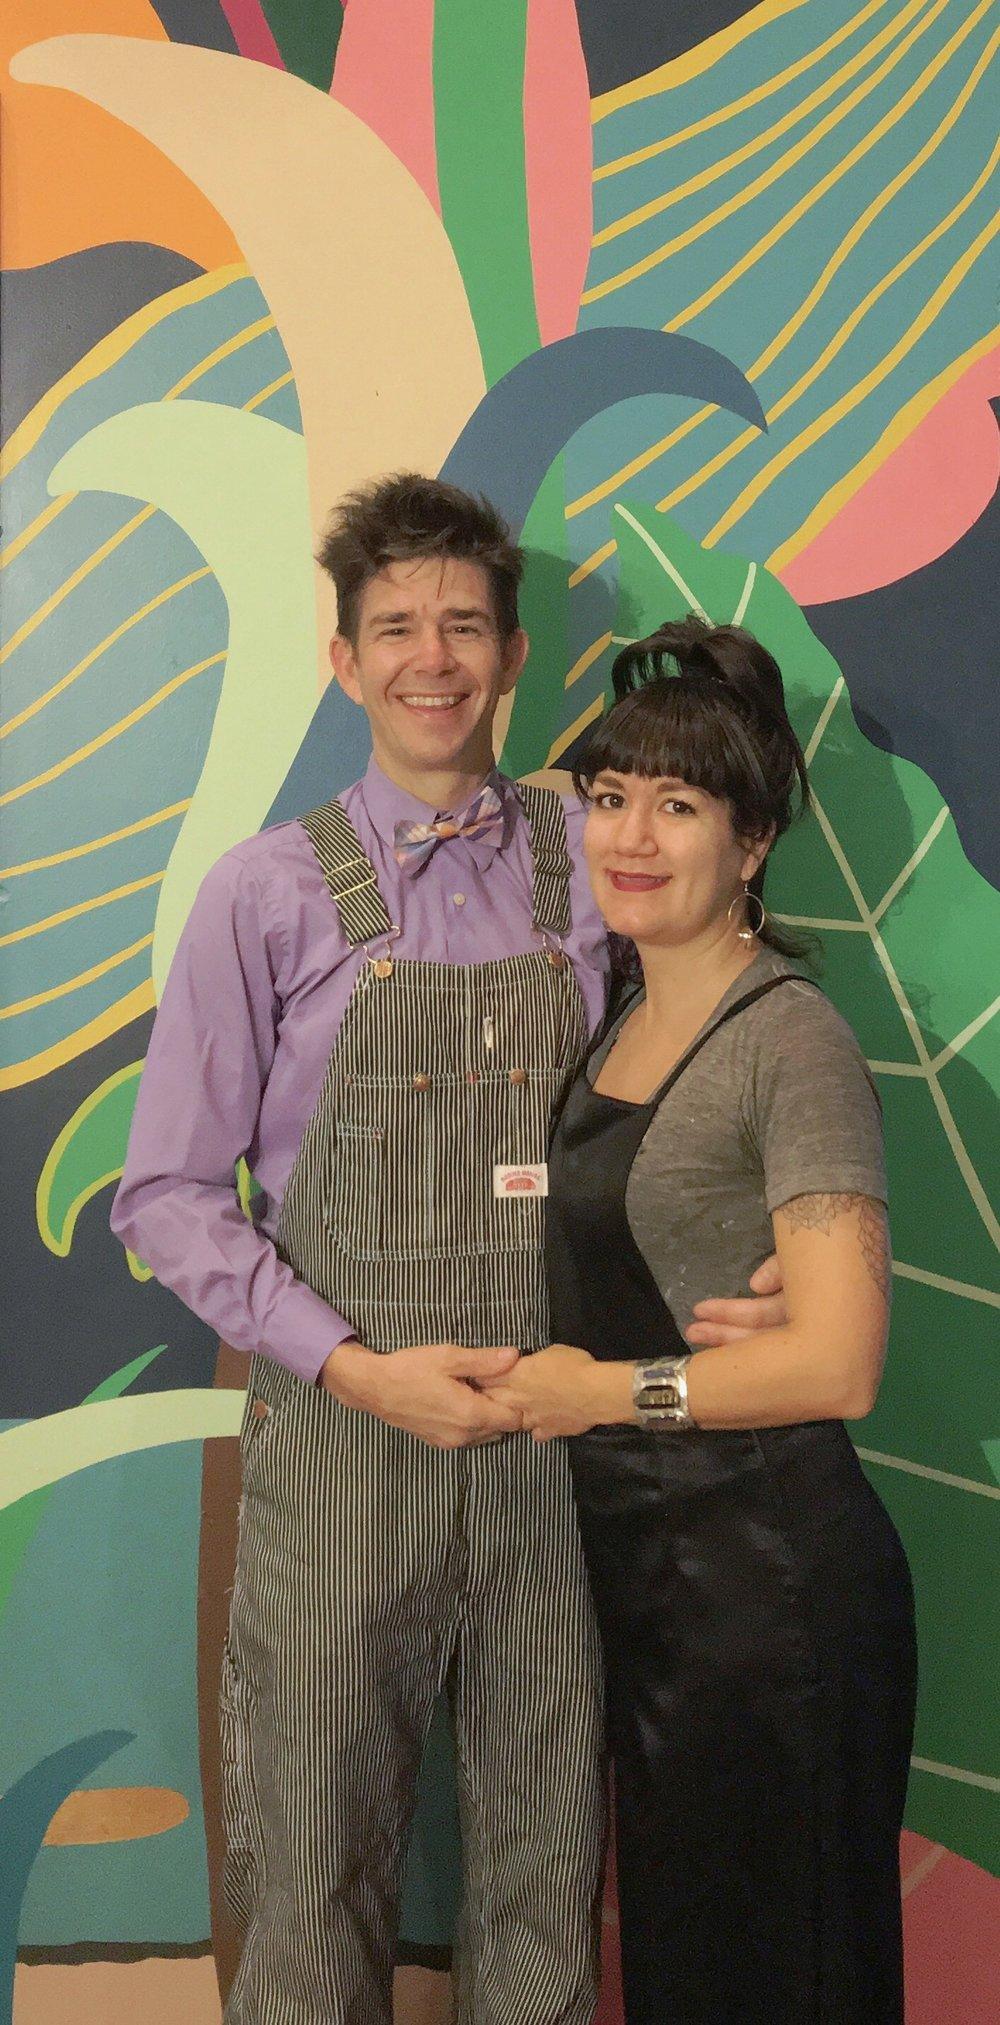 Paul and Amanda